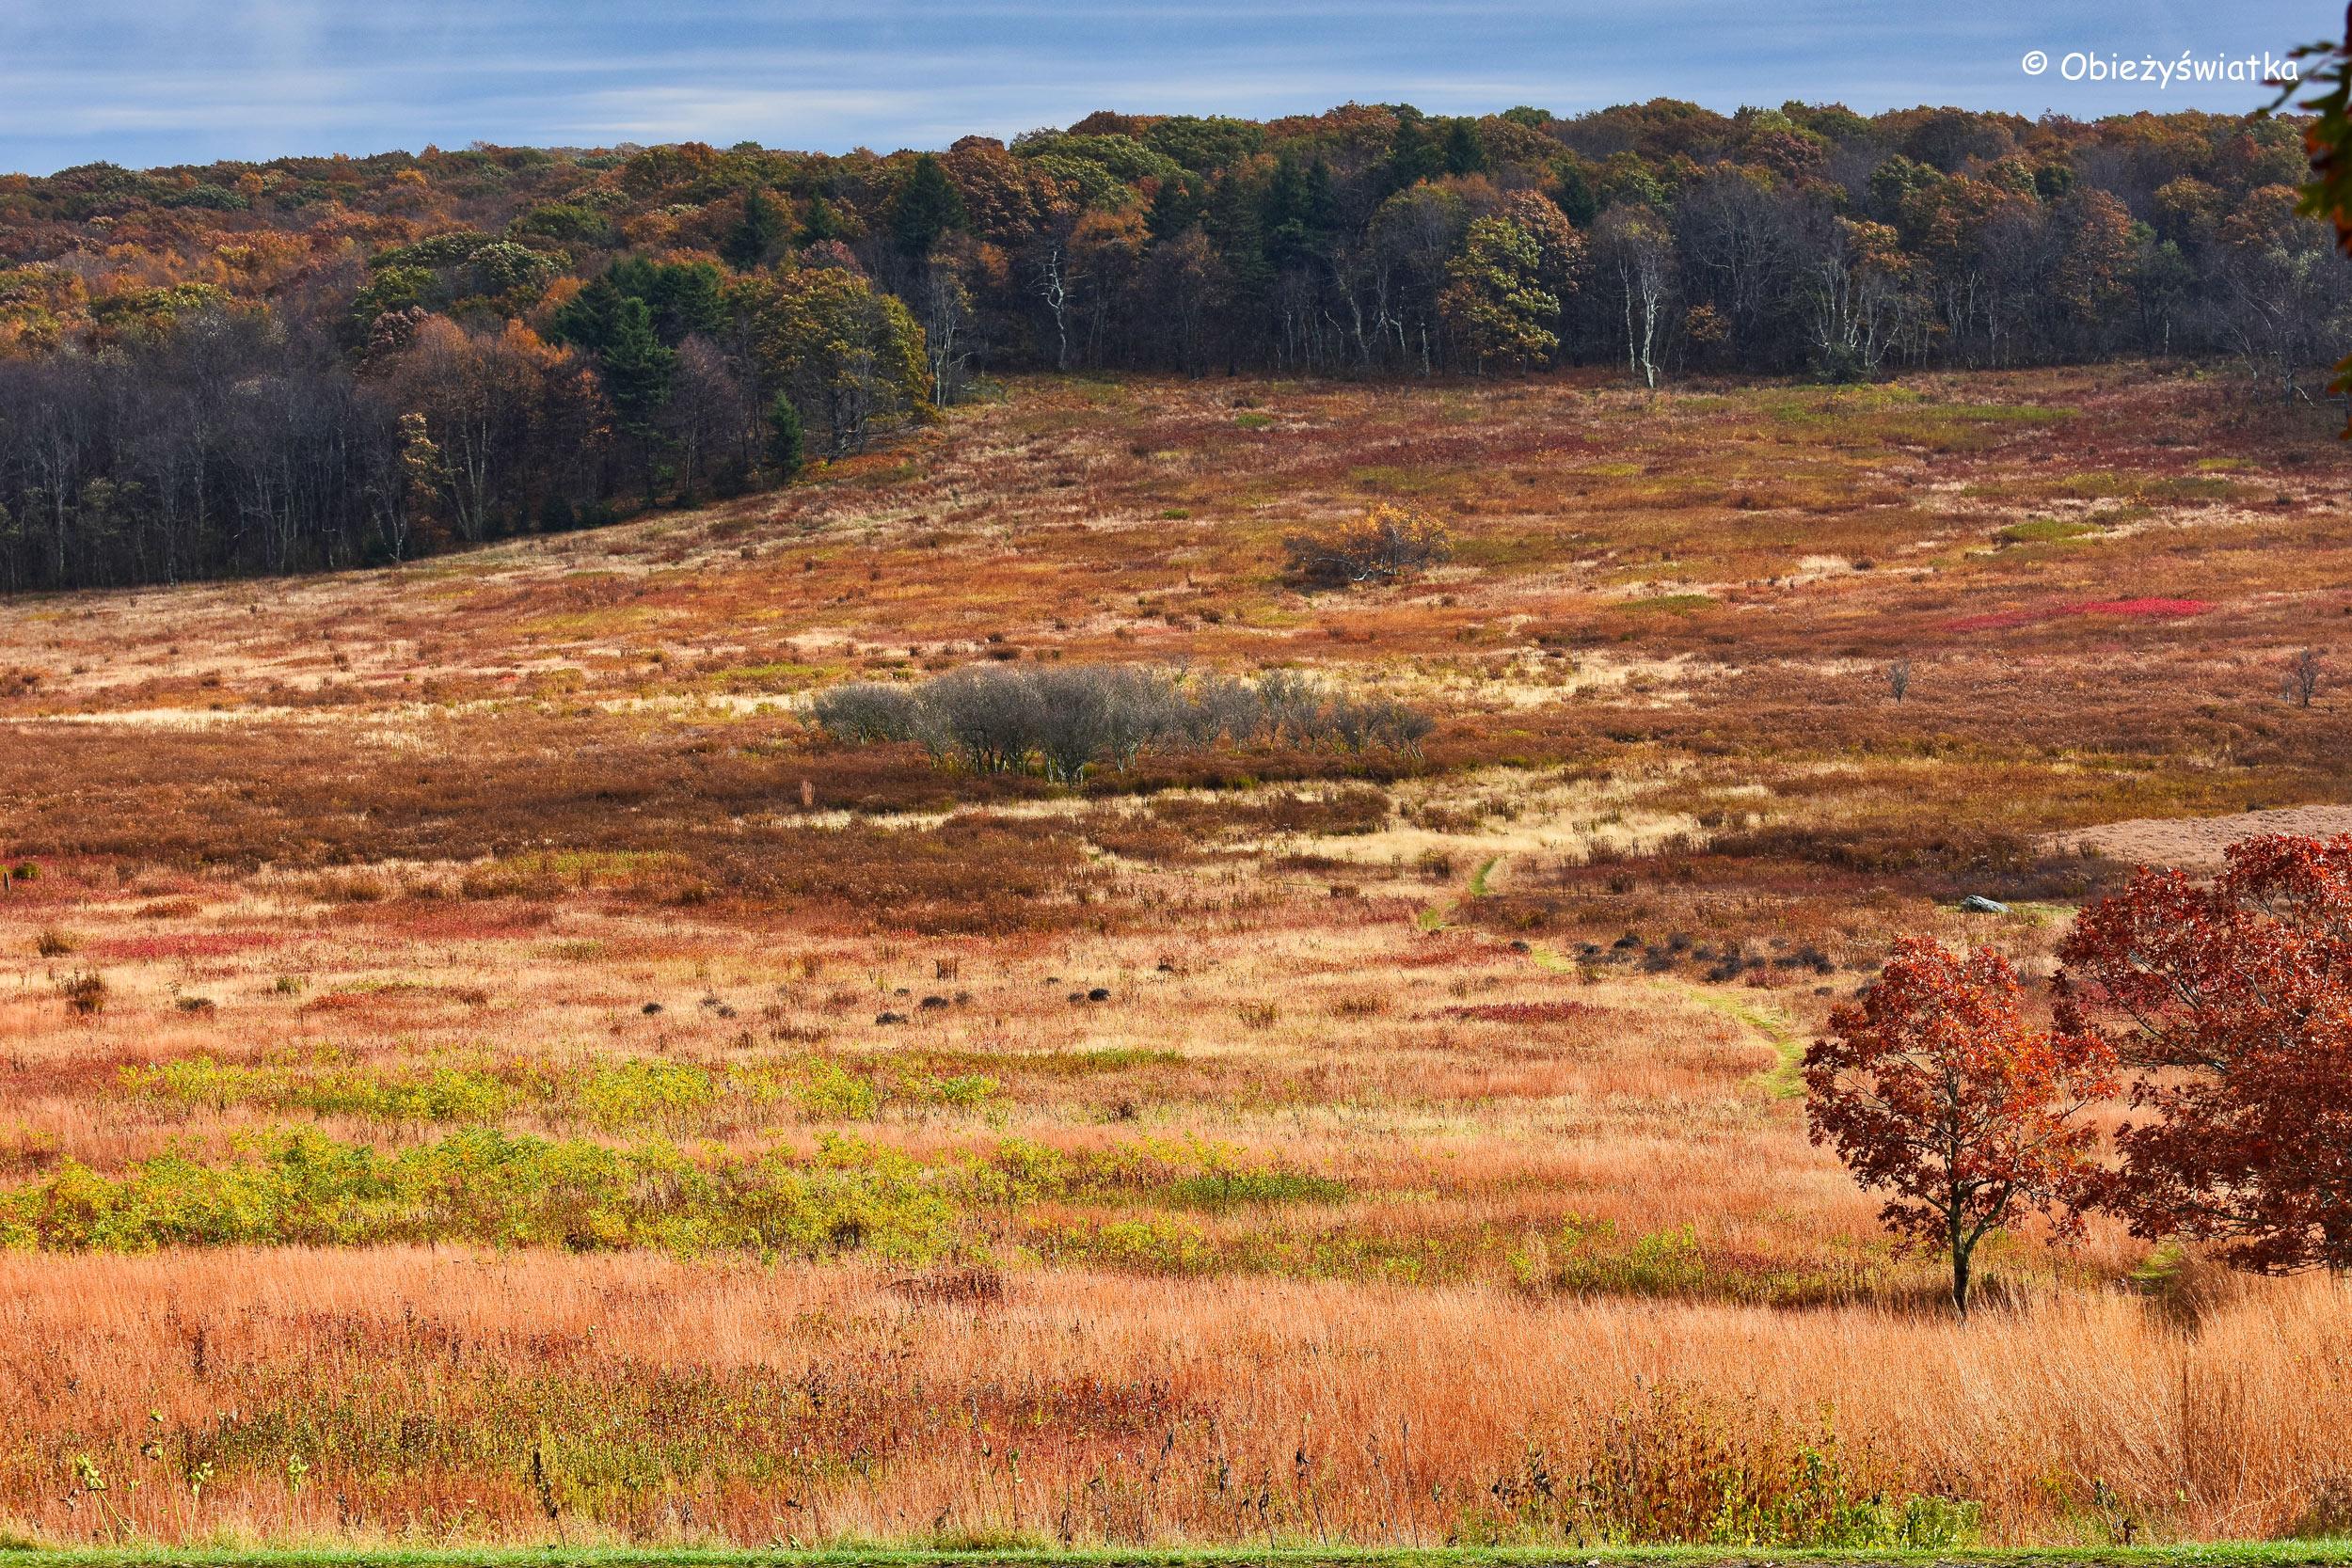 Jesienią na wrzosowiskach w Parku Narodowym Shenandoah, Virginia, USA